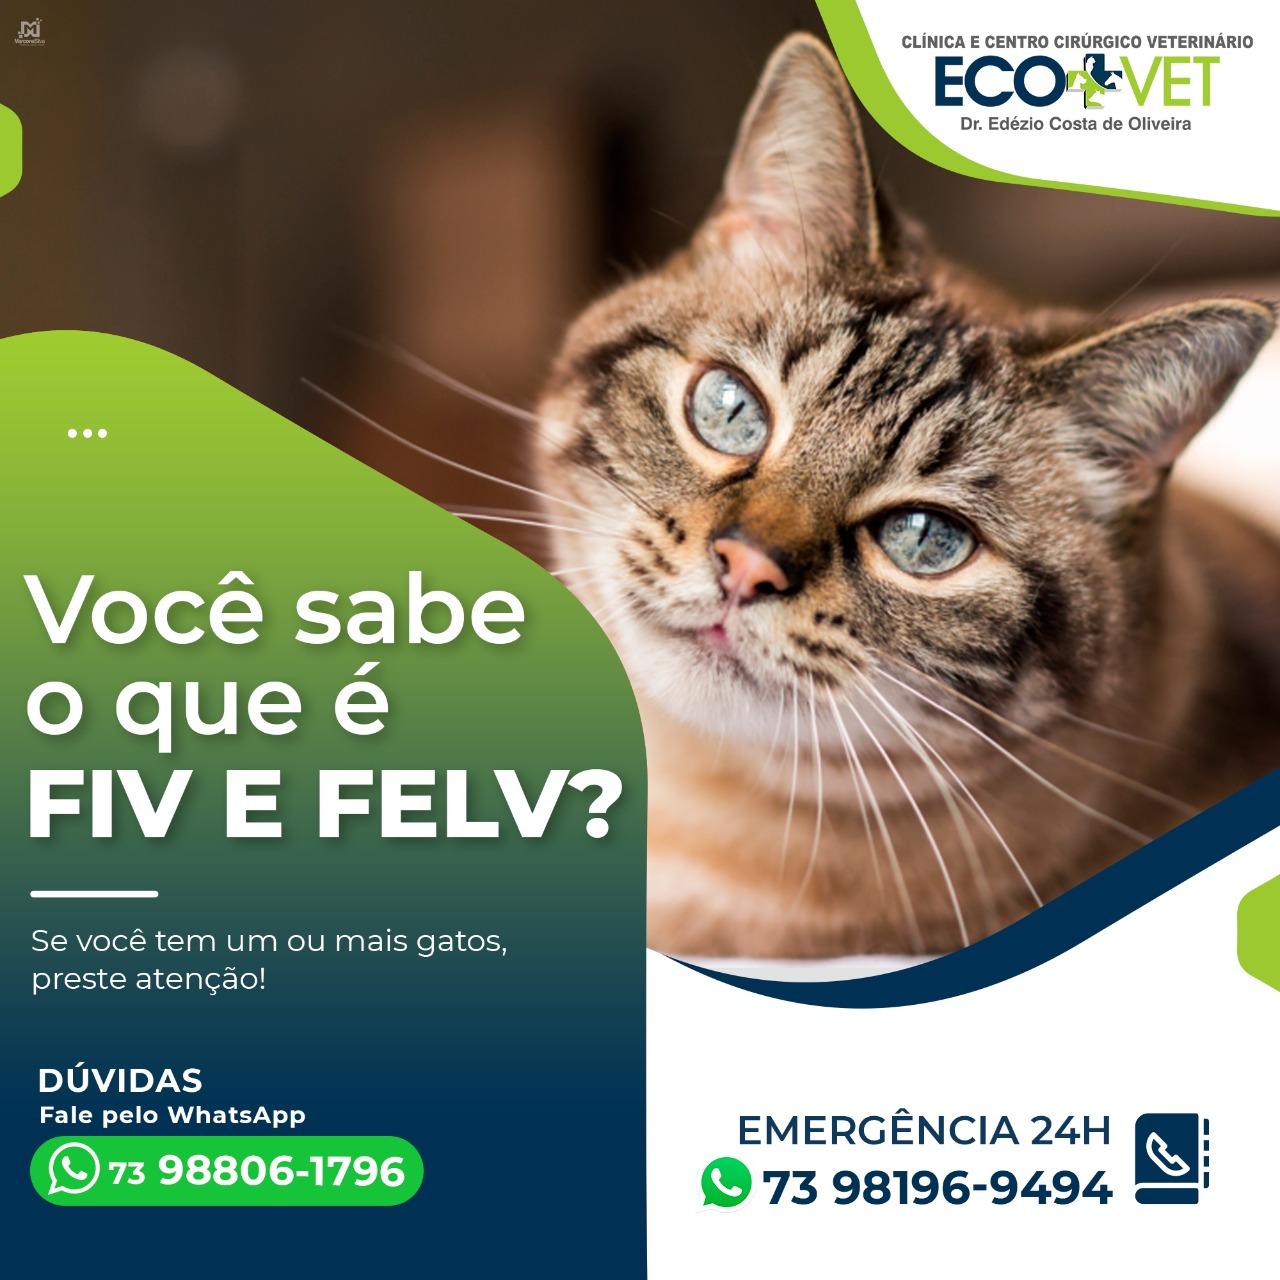 Ecovet:  Você sabe o que é FIV E FELV?   Se você tem um ou mais gatos, preste atenção!